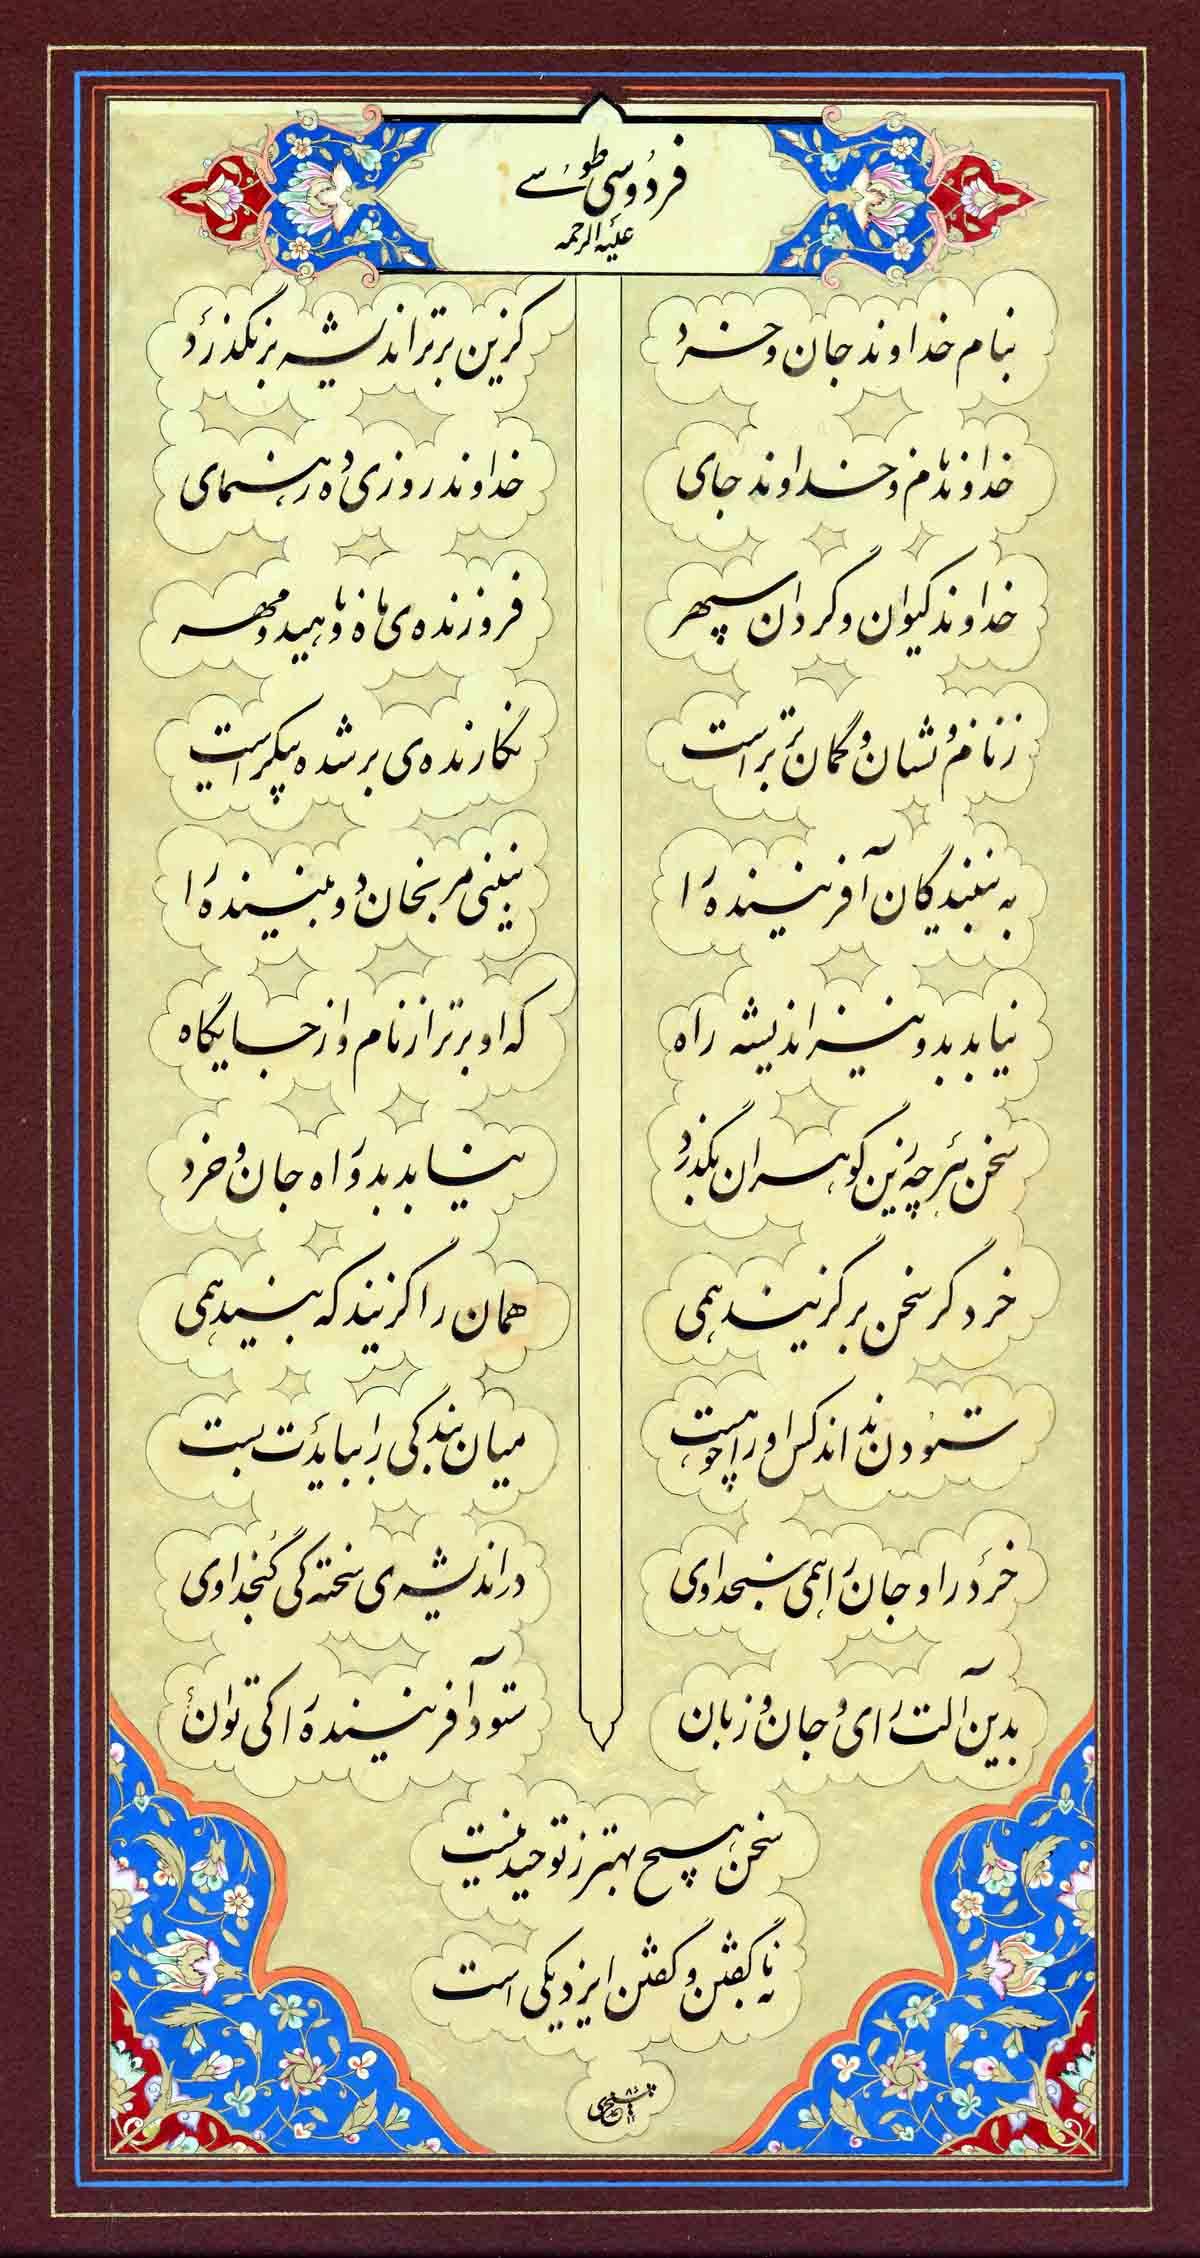 دانلود کتاب شاهنامه اثر حکیم ابوالقاسم فردوسی